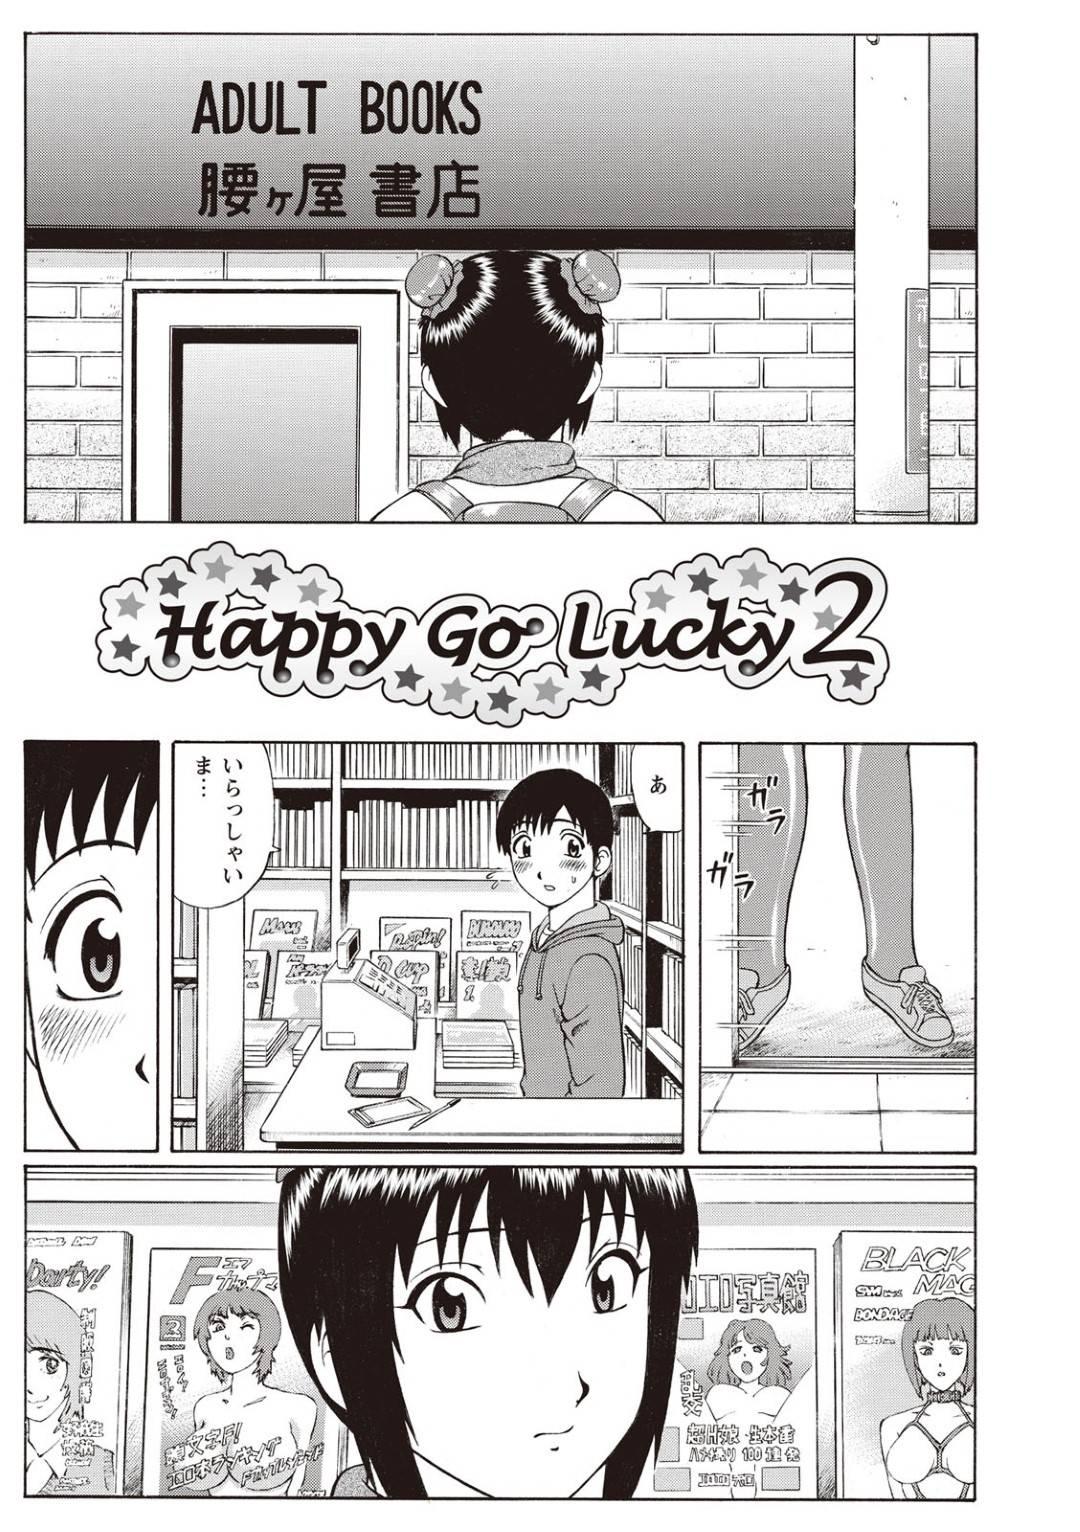 【エロ漫画】とあるエロ本屋に入る巨乳JK…店員はなんとクラスメイトの男子で自分がオナニー特集で載っている雑誌を見せつける!【にったじゅん】